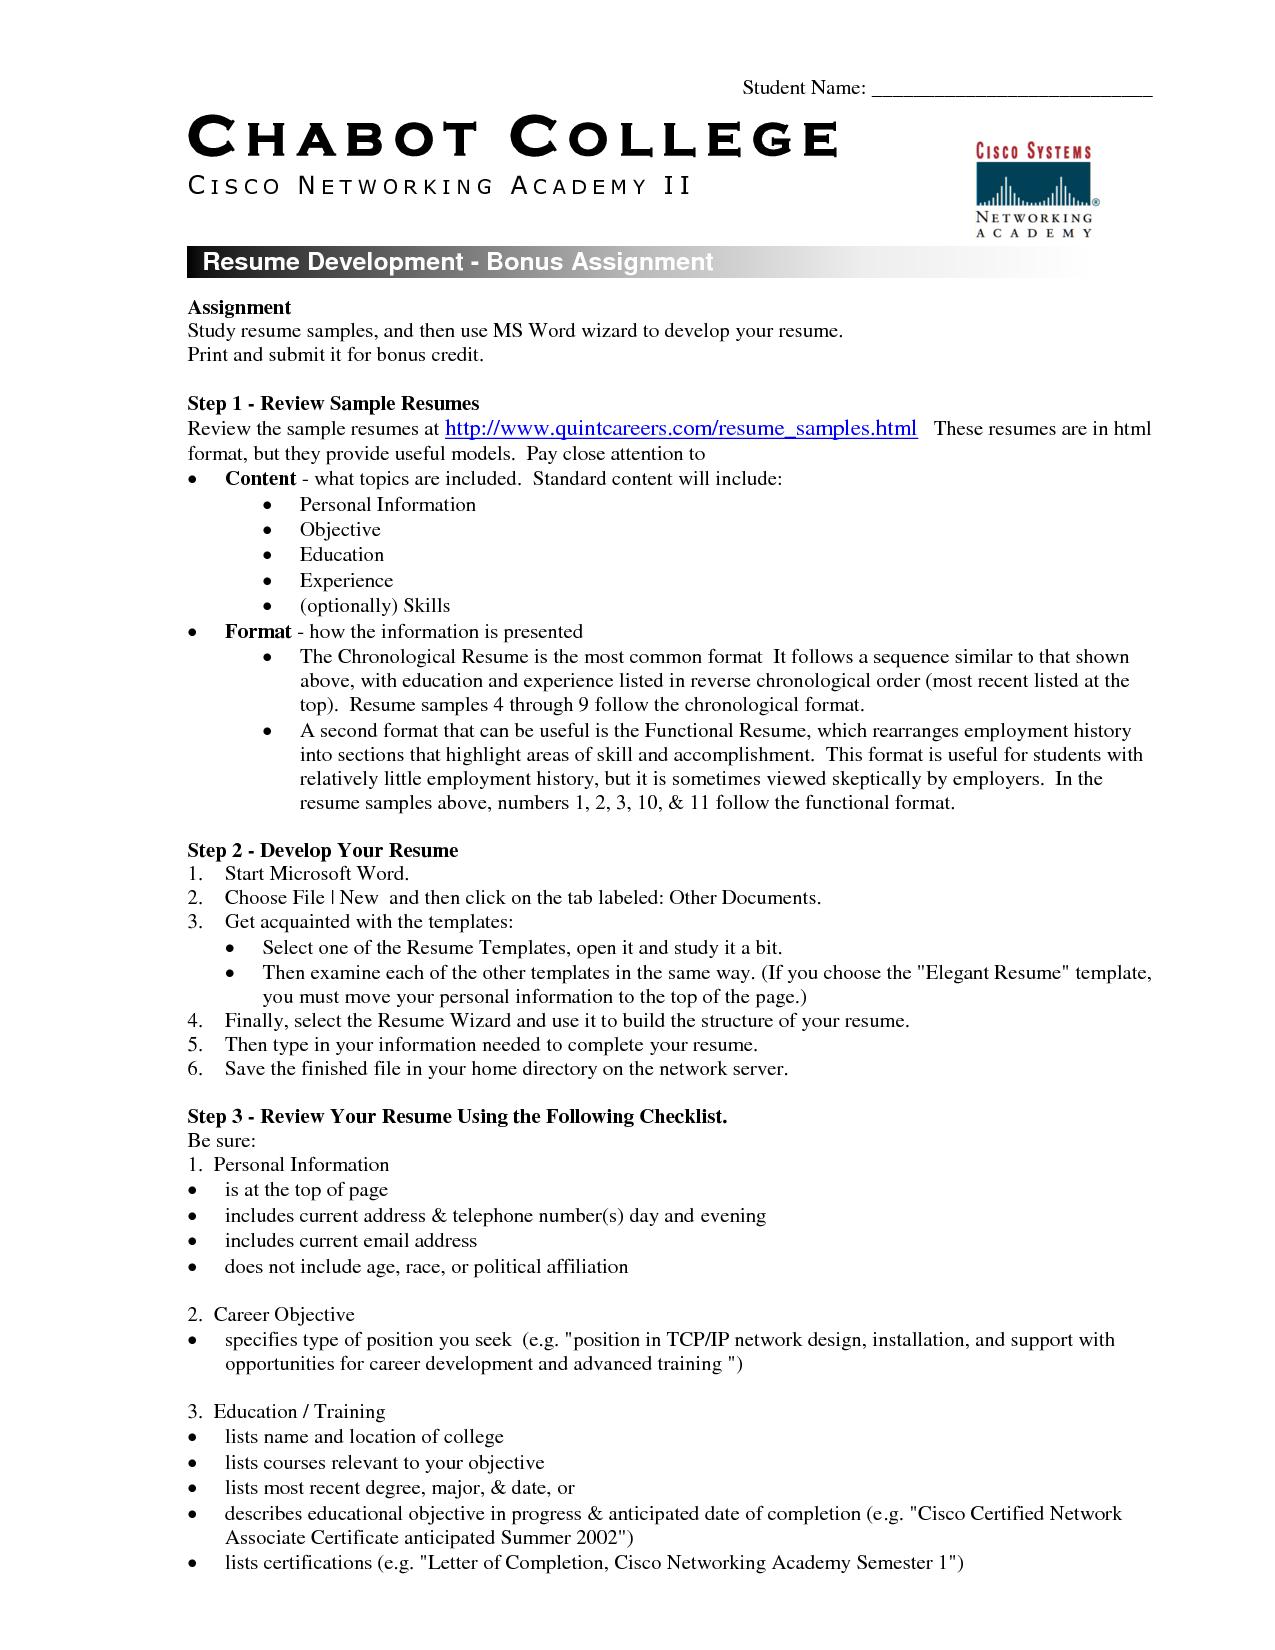 Resume Examples Reddit Resumeexamples